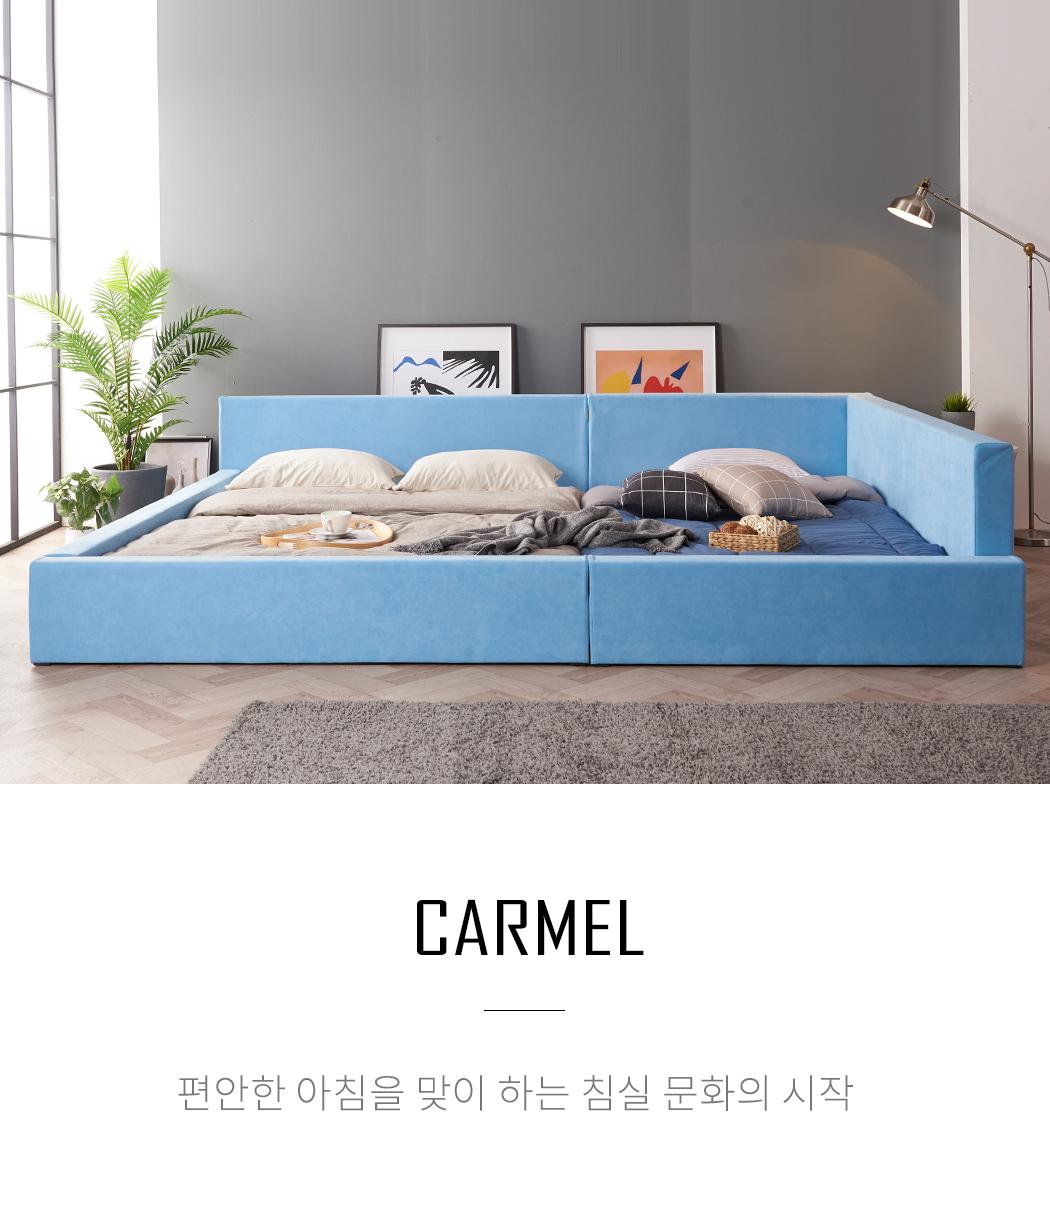 Carmel_01.jpg